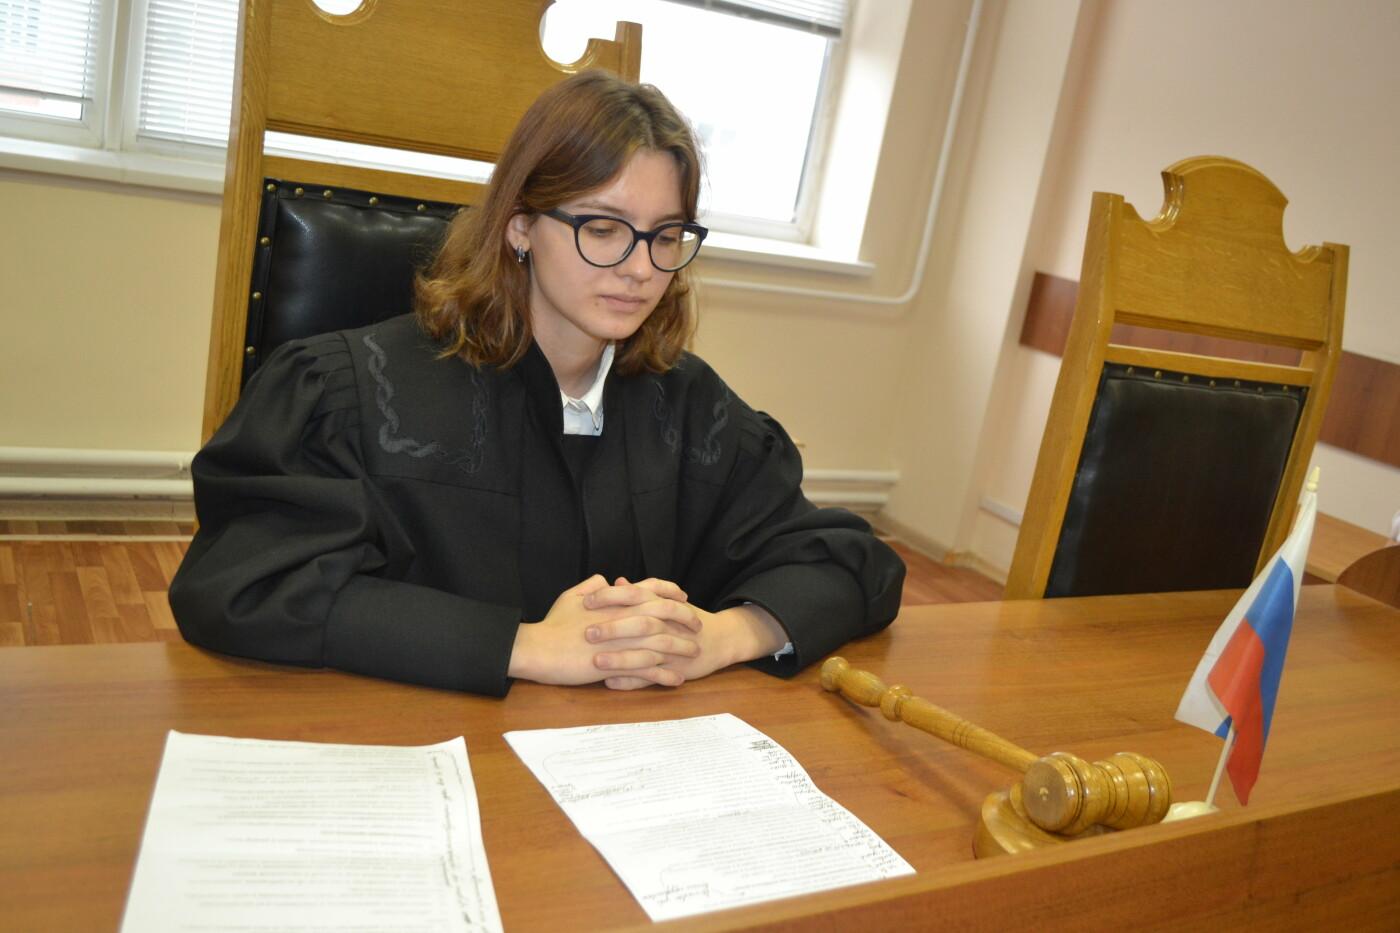 В Тамбовском филиале РАНХиГС провели деловую игру «Судебное заседание по гражданскому делу в суде общей юрисдикции», фото-2